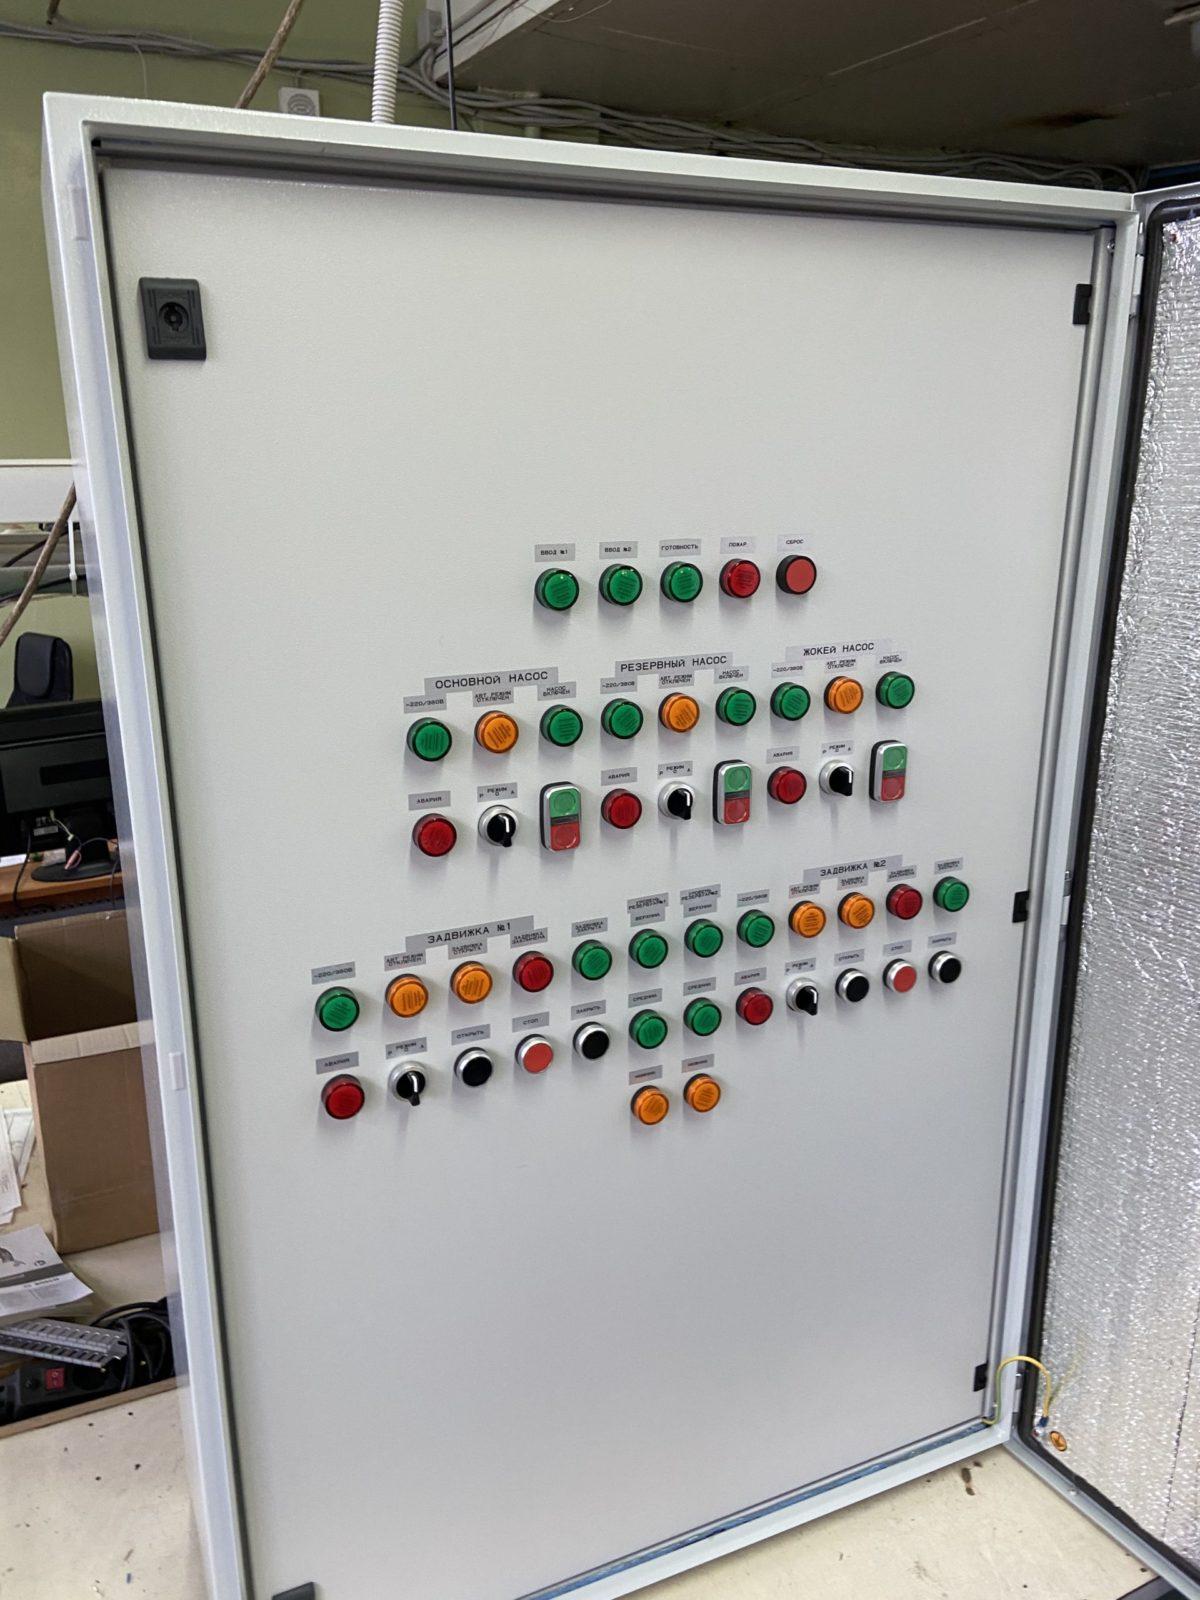 Шкаф управления пожарными насосами по схеме (Основной +Резервный+жокей+АВР) ШУПН2/1-25/x-АЛЖ (IP54)